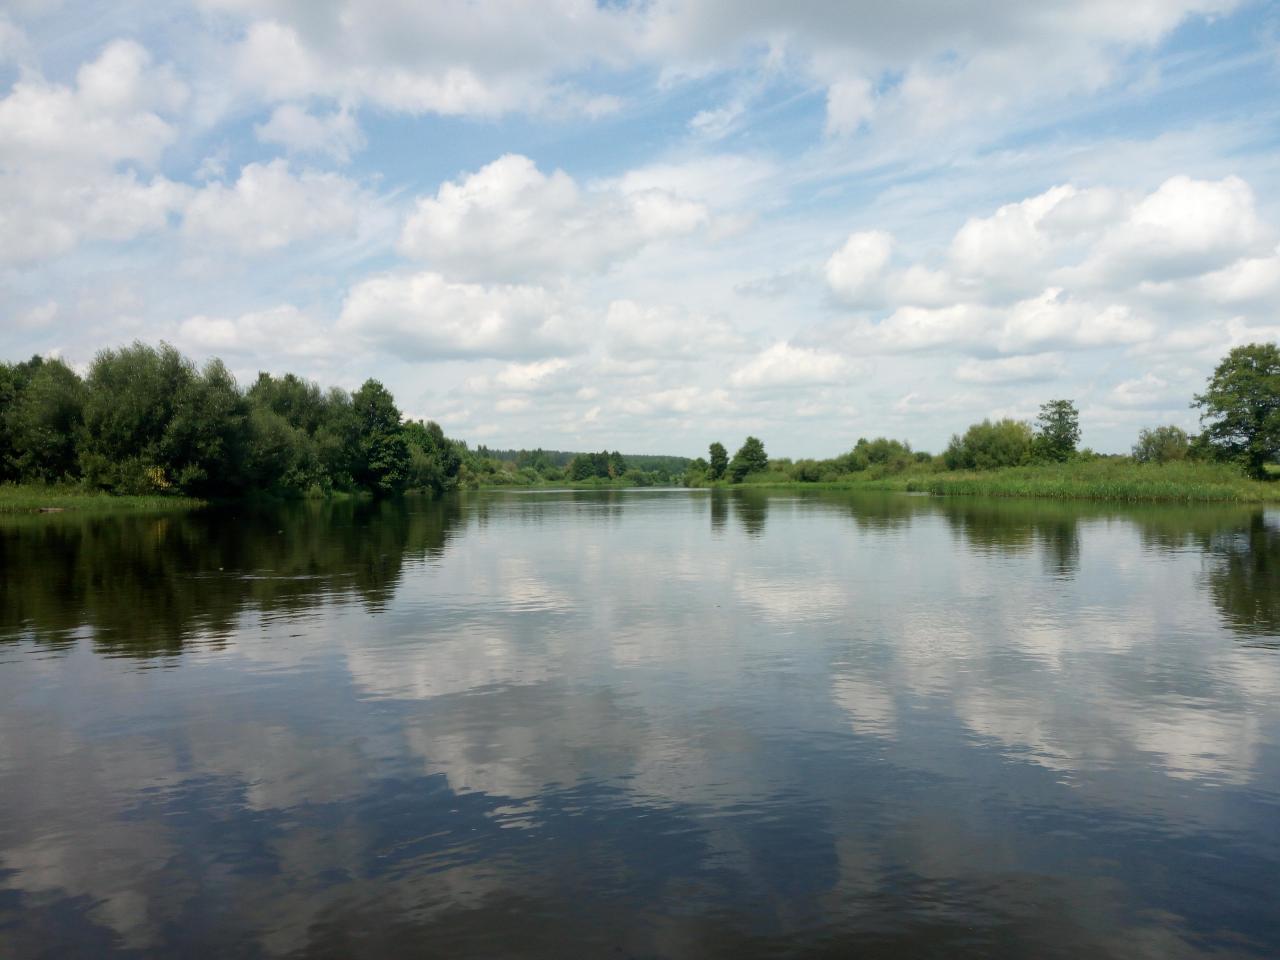 Вчера прокатился по Друти со спиннингом.Воды море! Течение ... | Отчеты о рыбалке в Беларуси